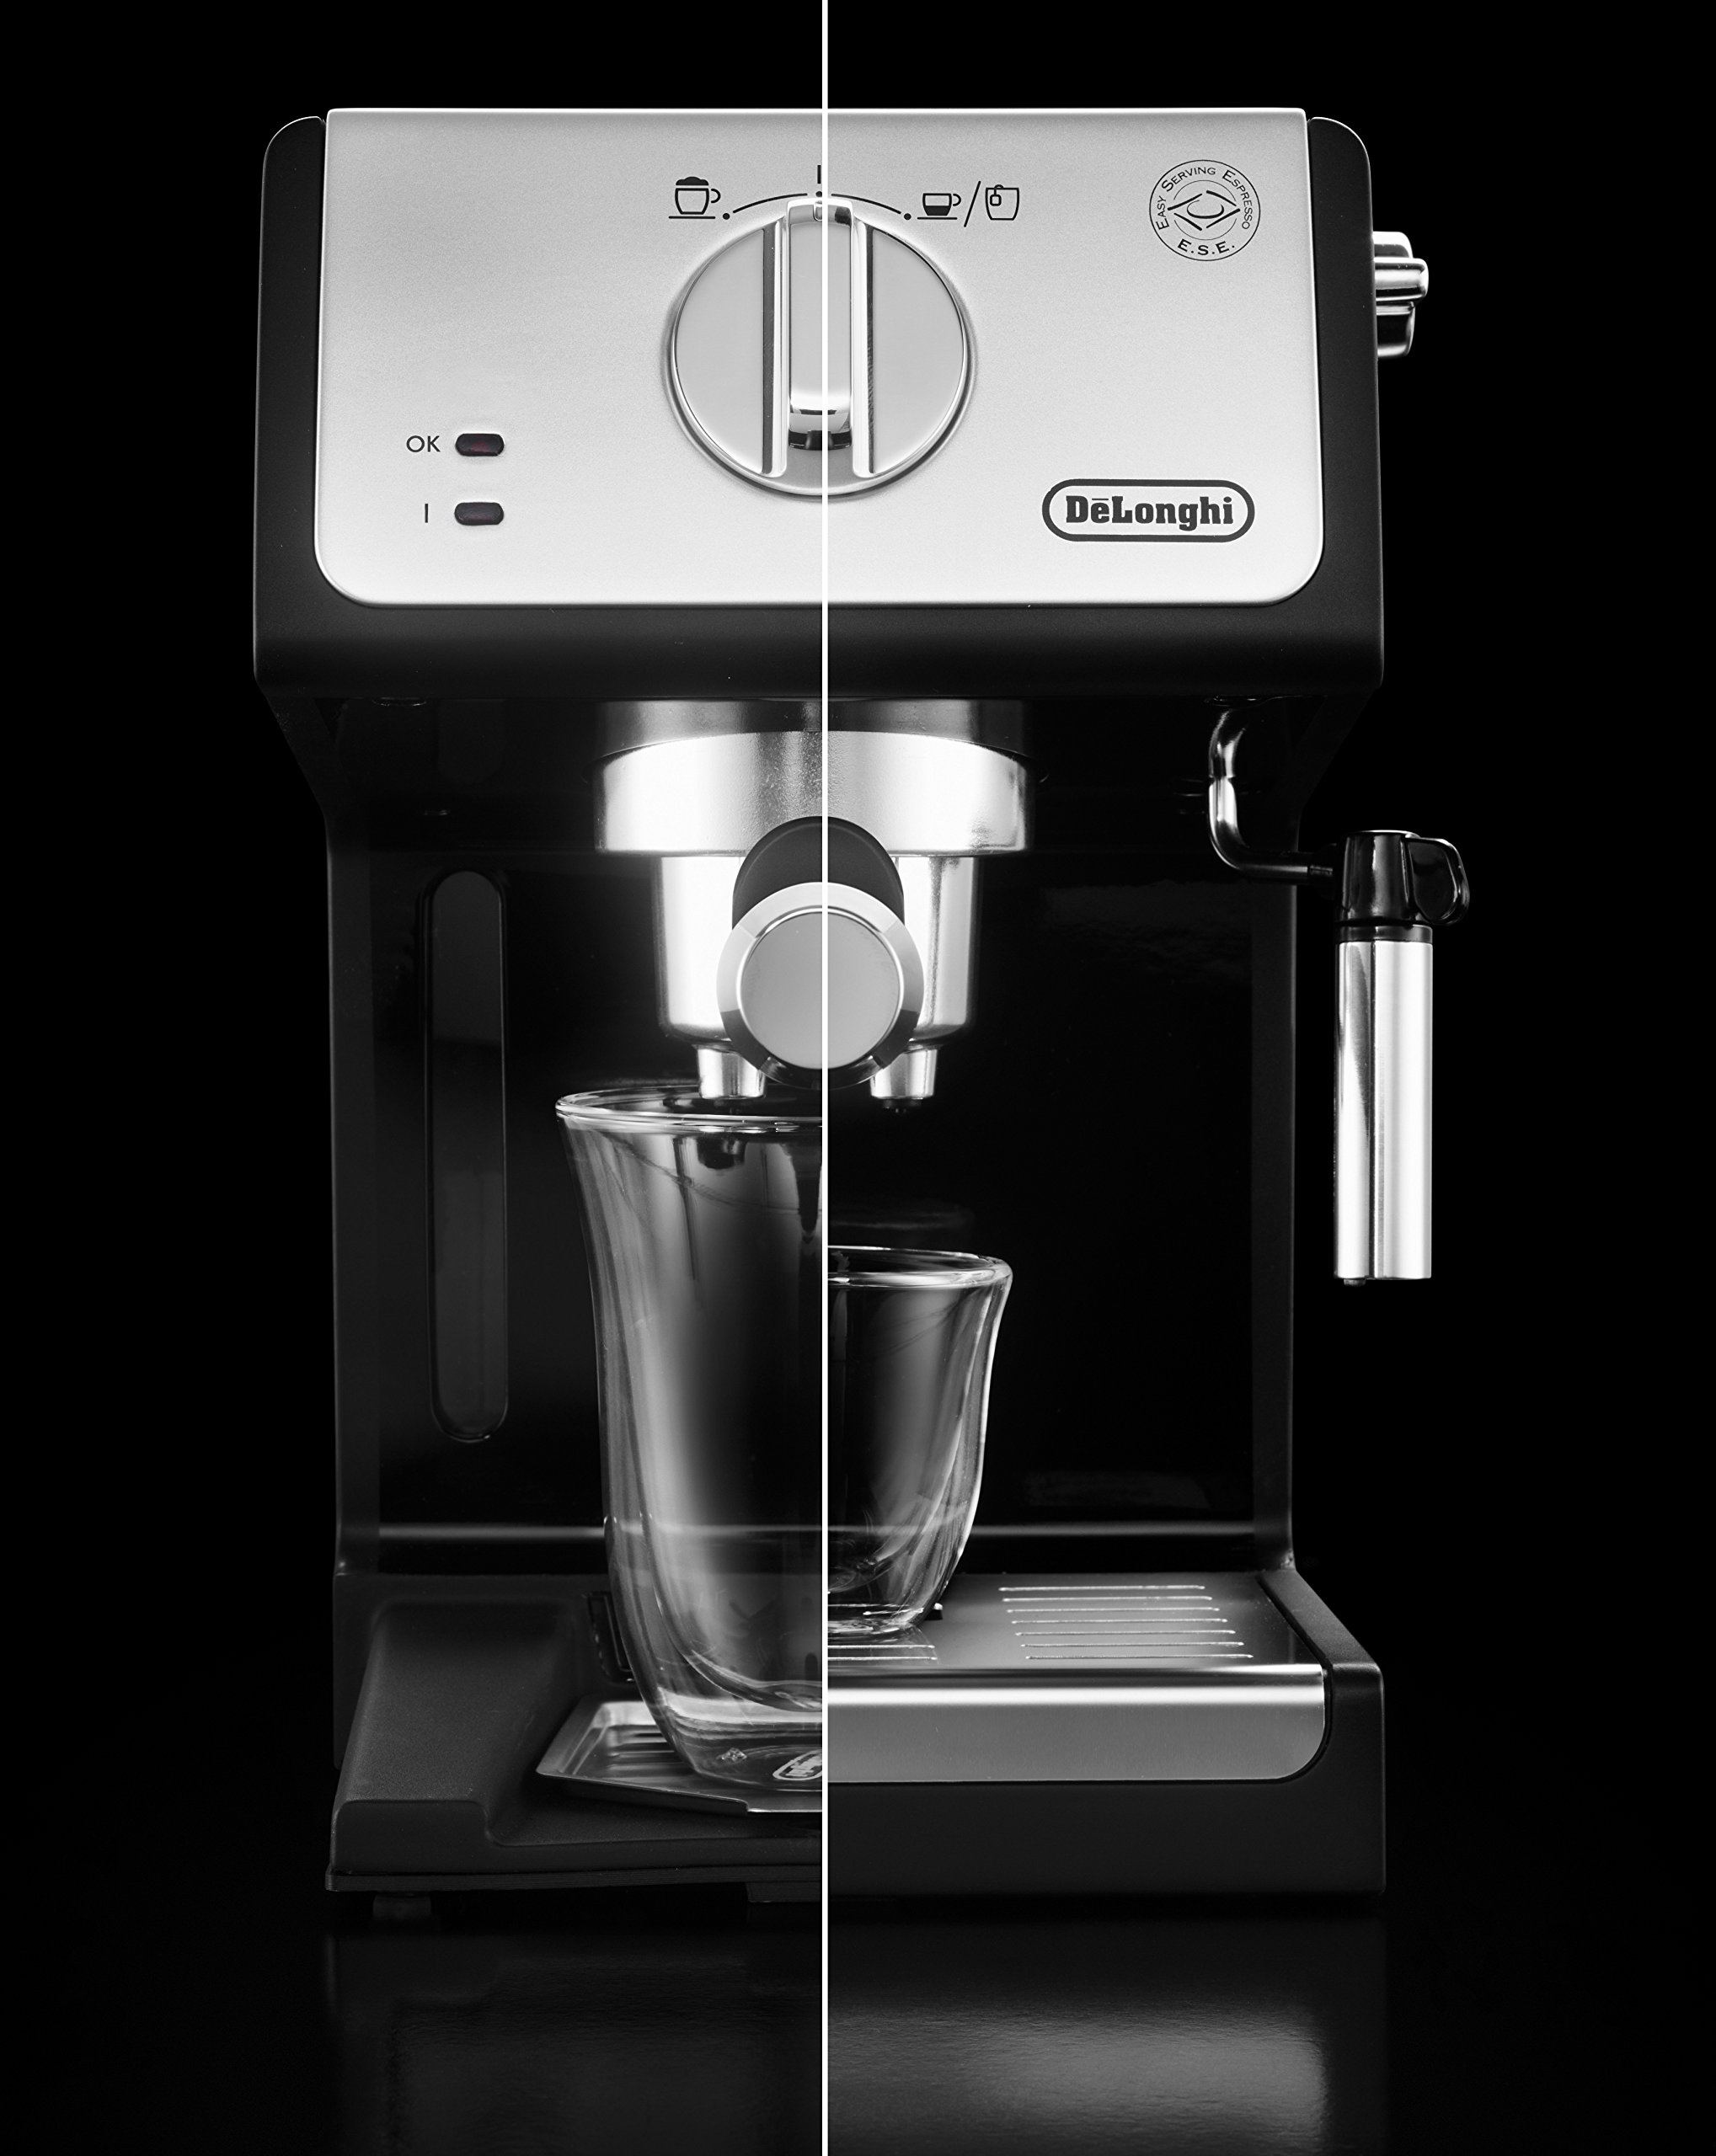 DeLonghi-ECP3121-Italian-Traditional-Espresso-Coffee-Maker-Black